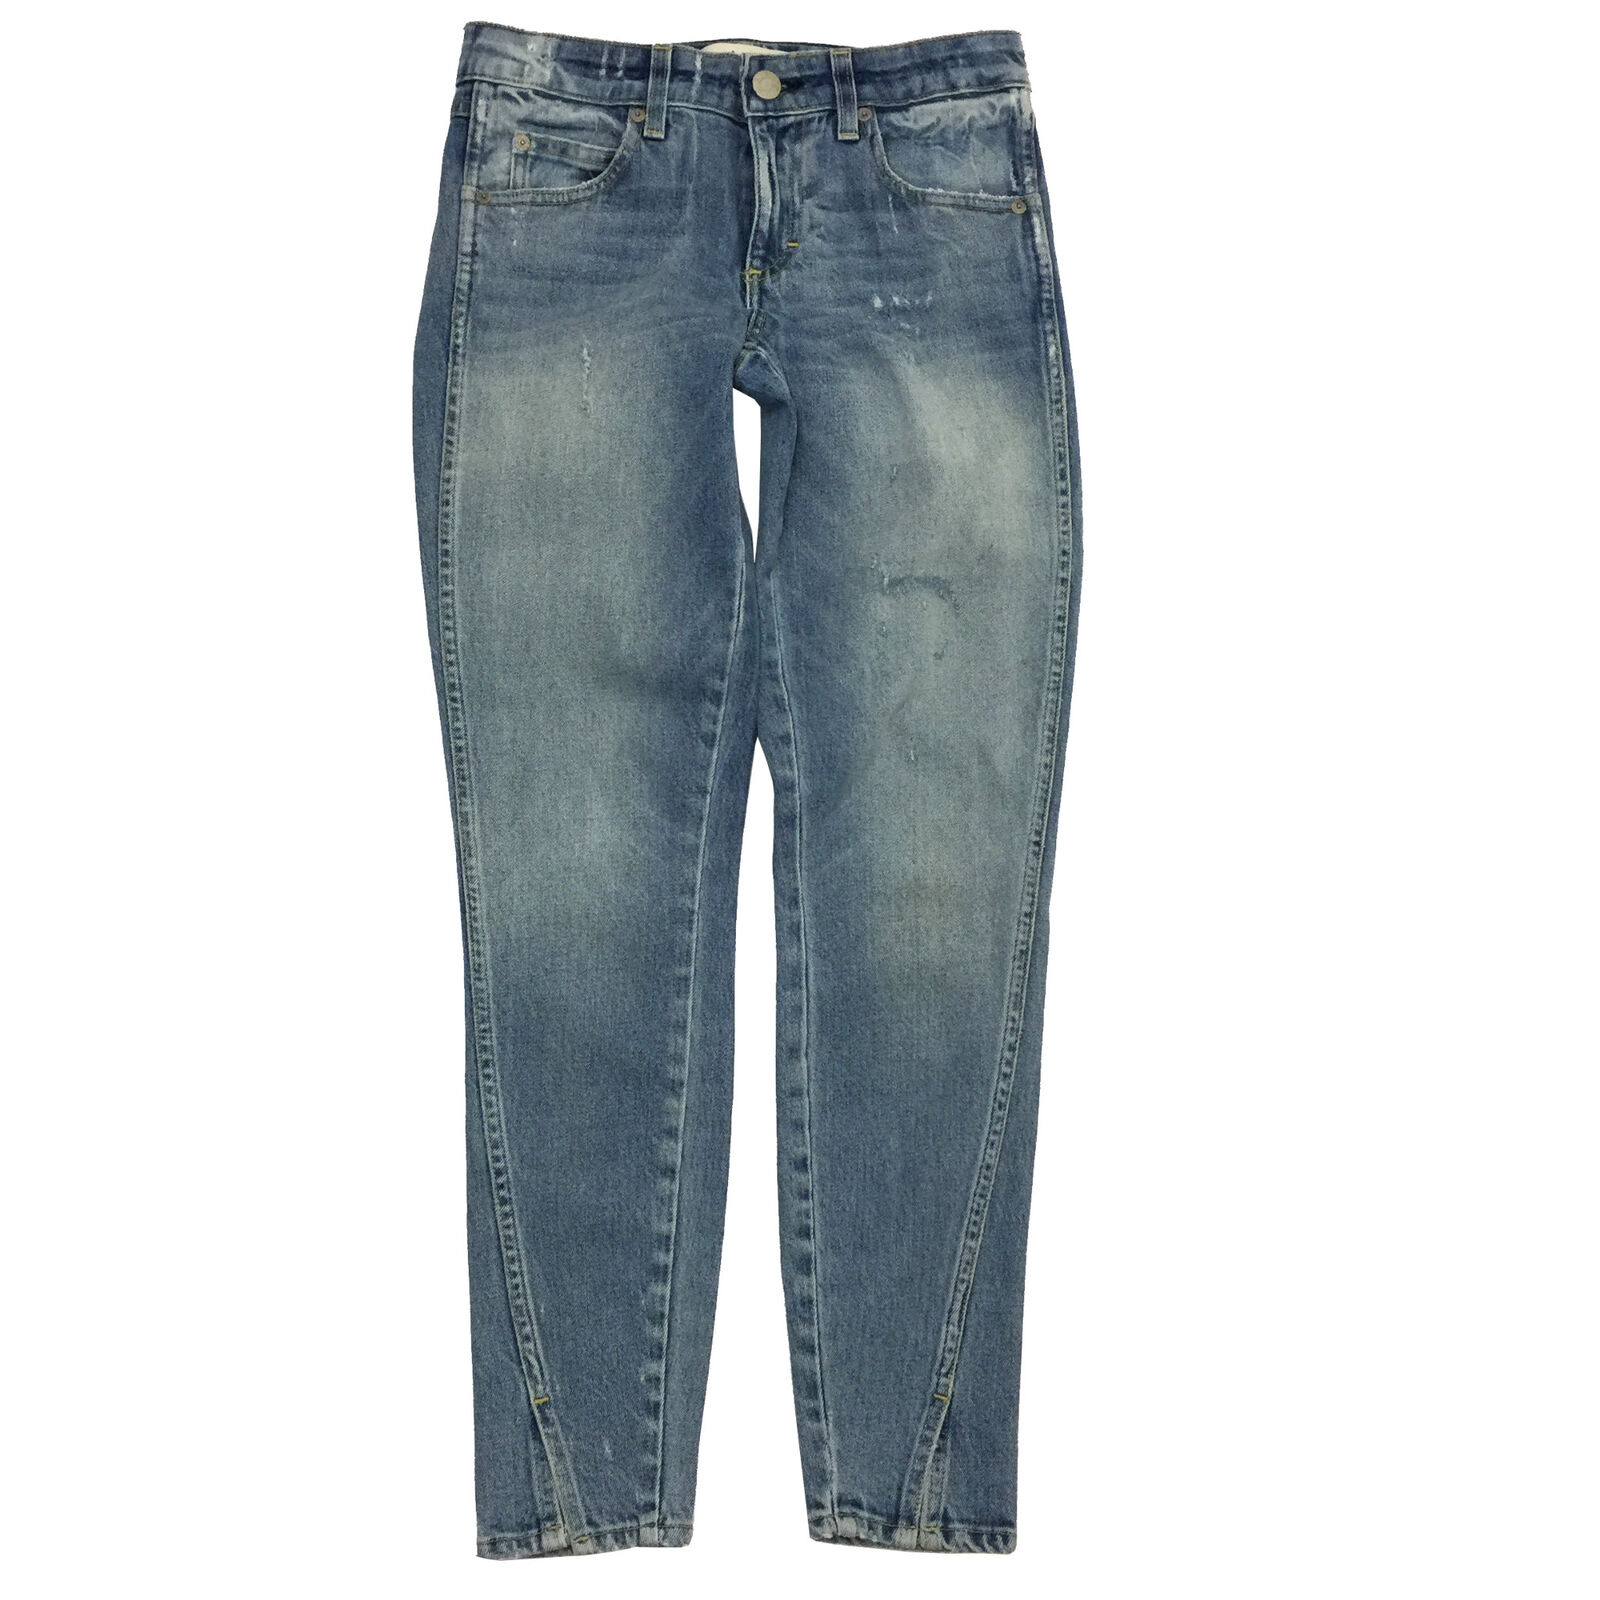 AMO Women's Twist Sweet Cheeks Denim Stretch Jeans Size 25